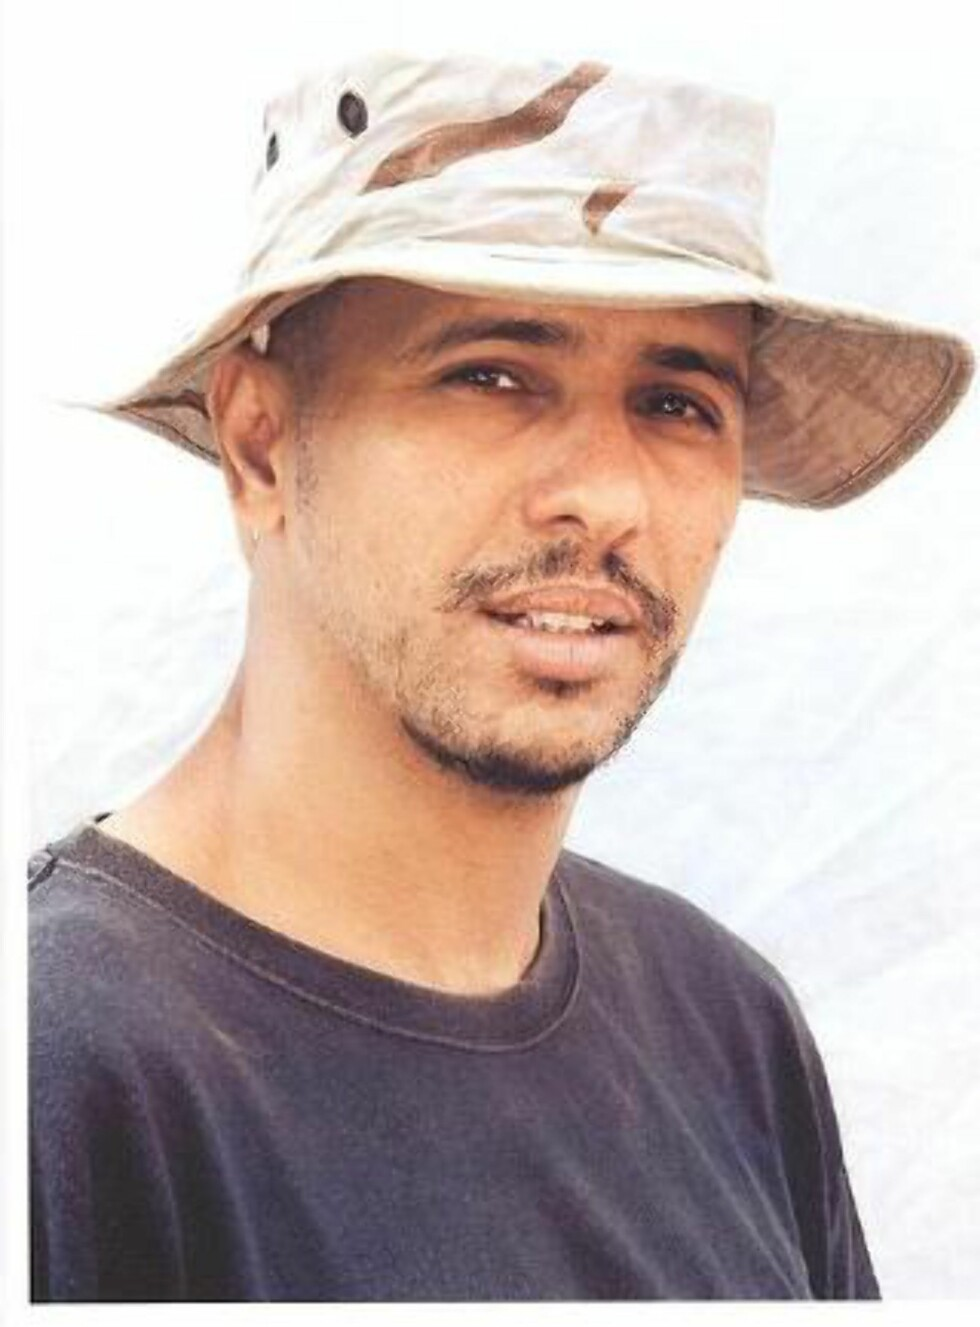 - VERDIFULL KILDE: Til tross for en rapport som slo fast at mauritiske Mohammed Ould Salahi skal ha blitt utsatt for tortur, mener amerikanske myndigheter at det han sier er troverdig og kaller han en av de mest verdifulle kildene.